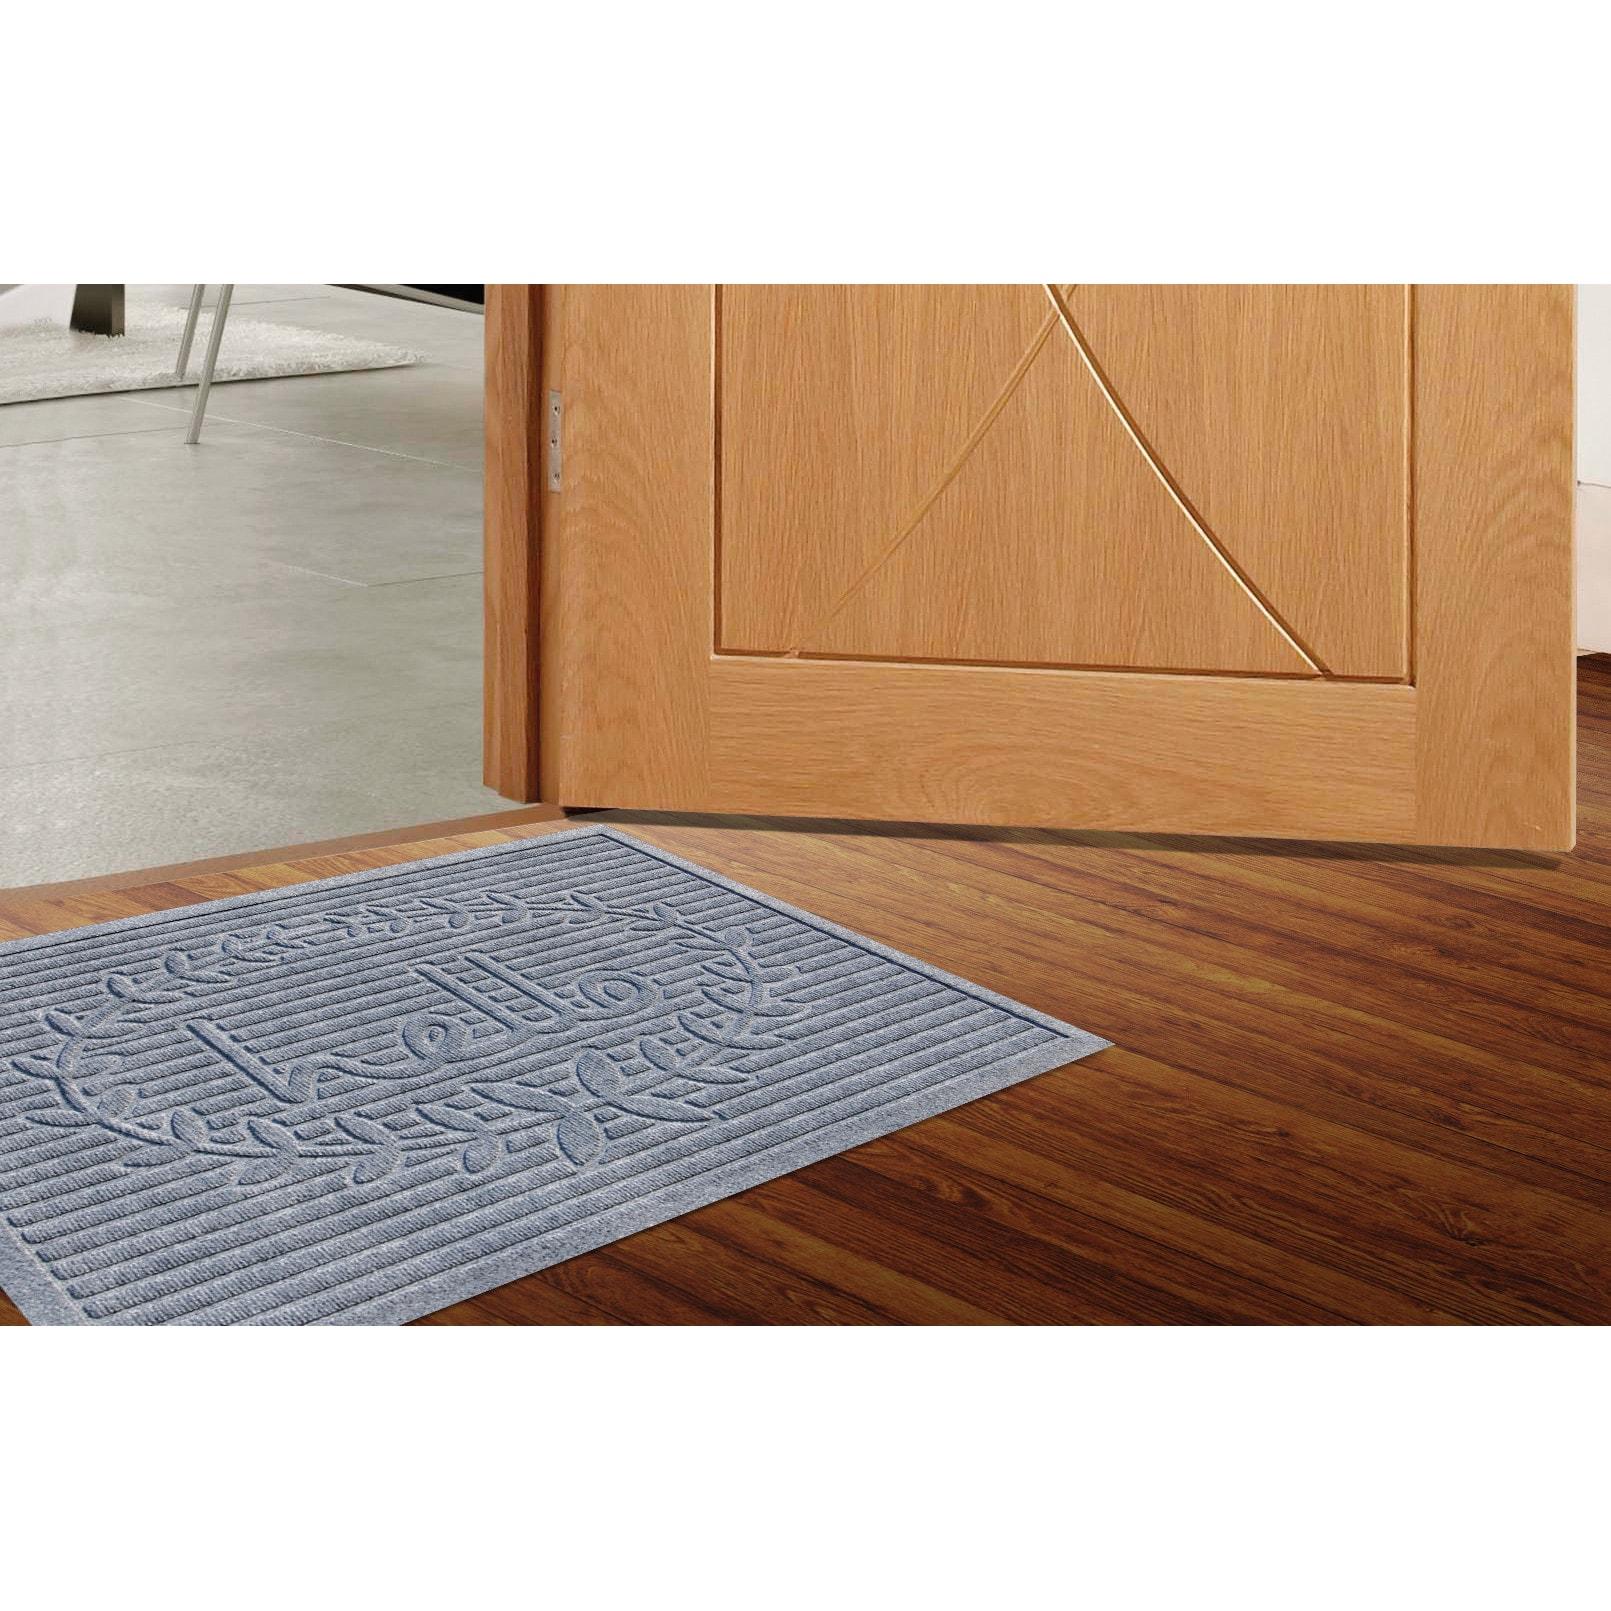 doors for mat image terrific pages full indoor front mats door uk coloring